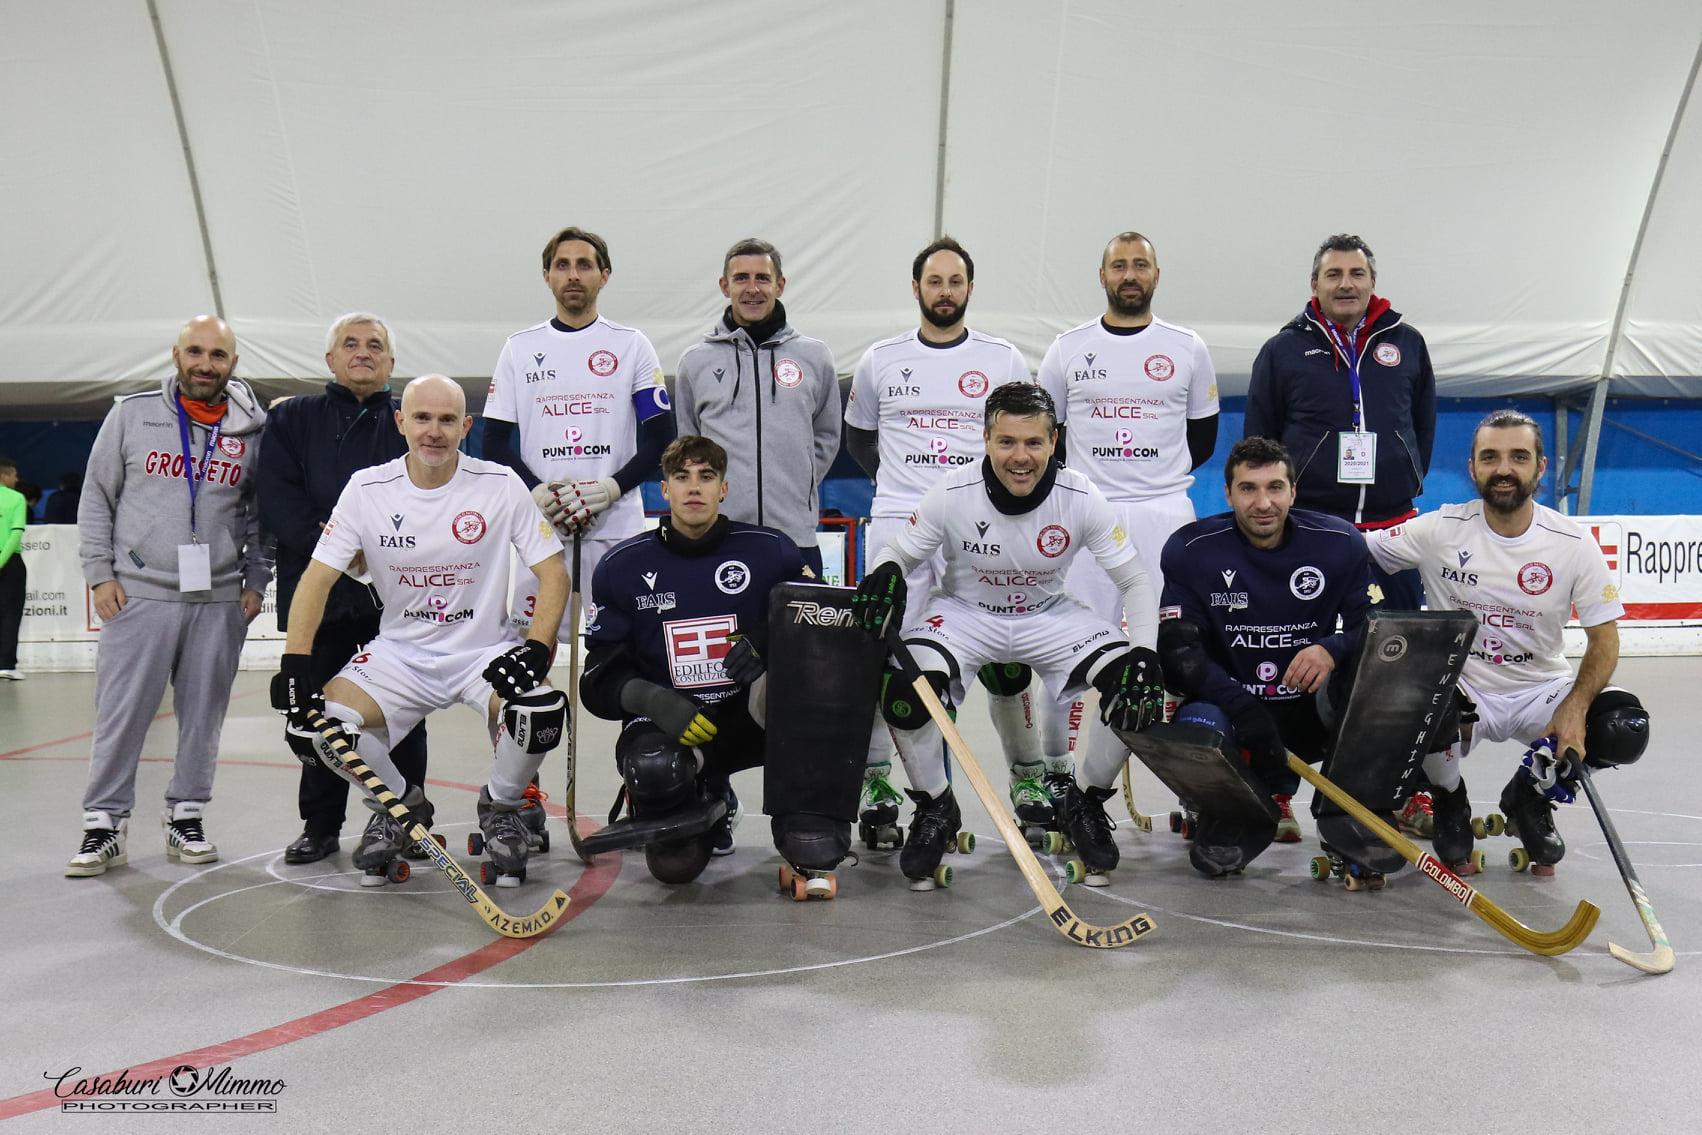 hockey-pista-squadra-serie-b-circolo-pattinatori-grosseto-Alice